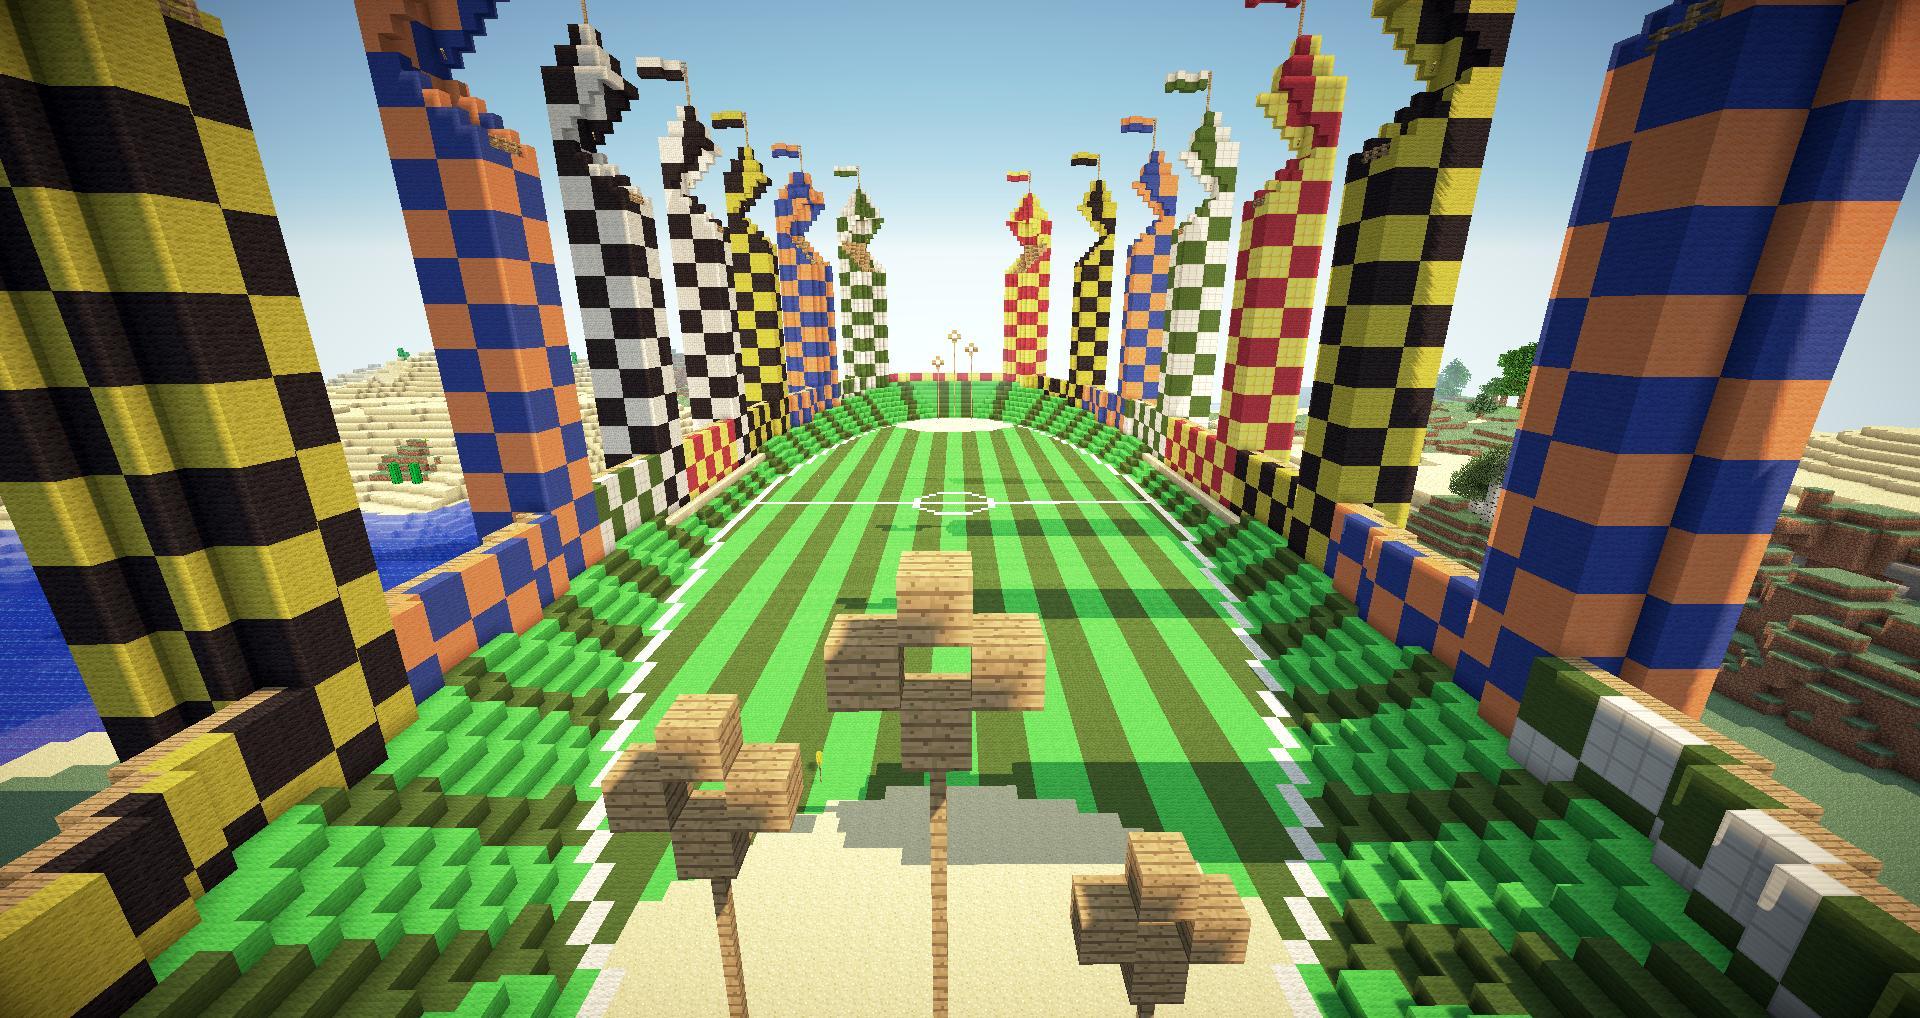 Quidditch Pitch Minecraft Minecraft Gallery imag...